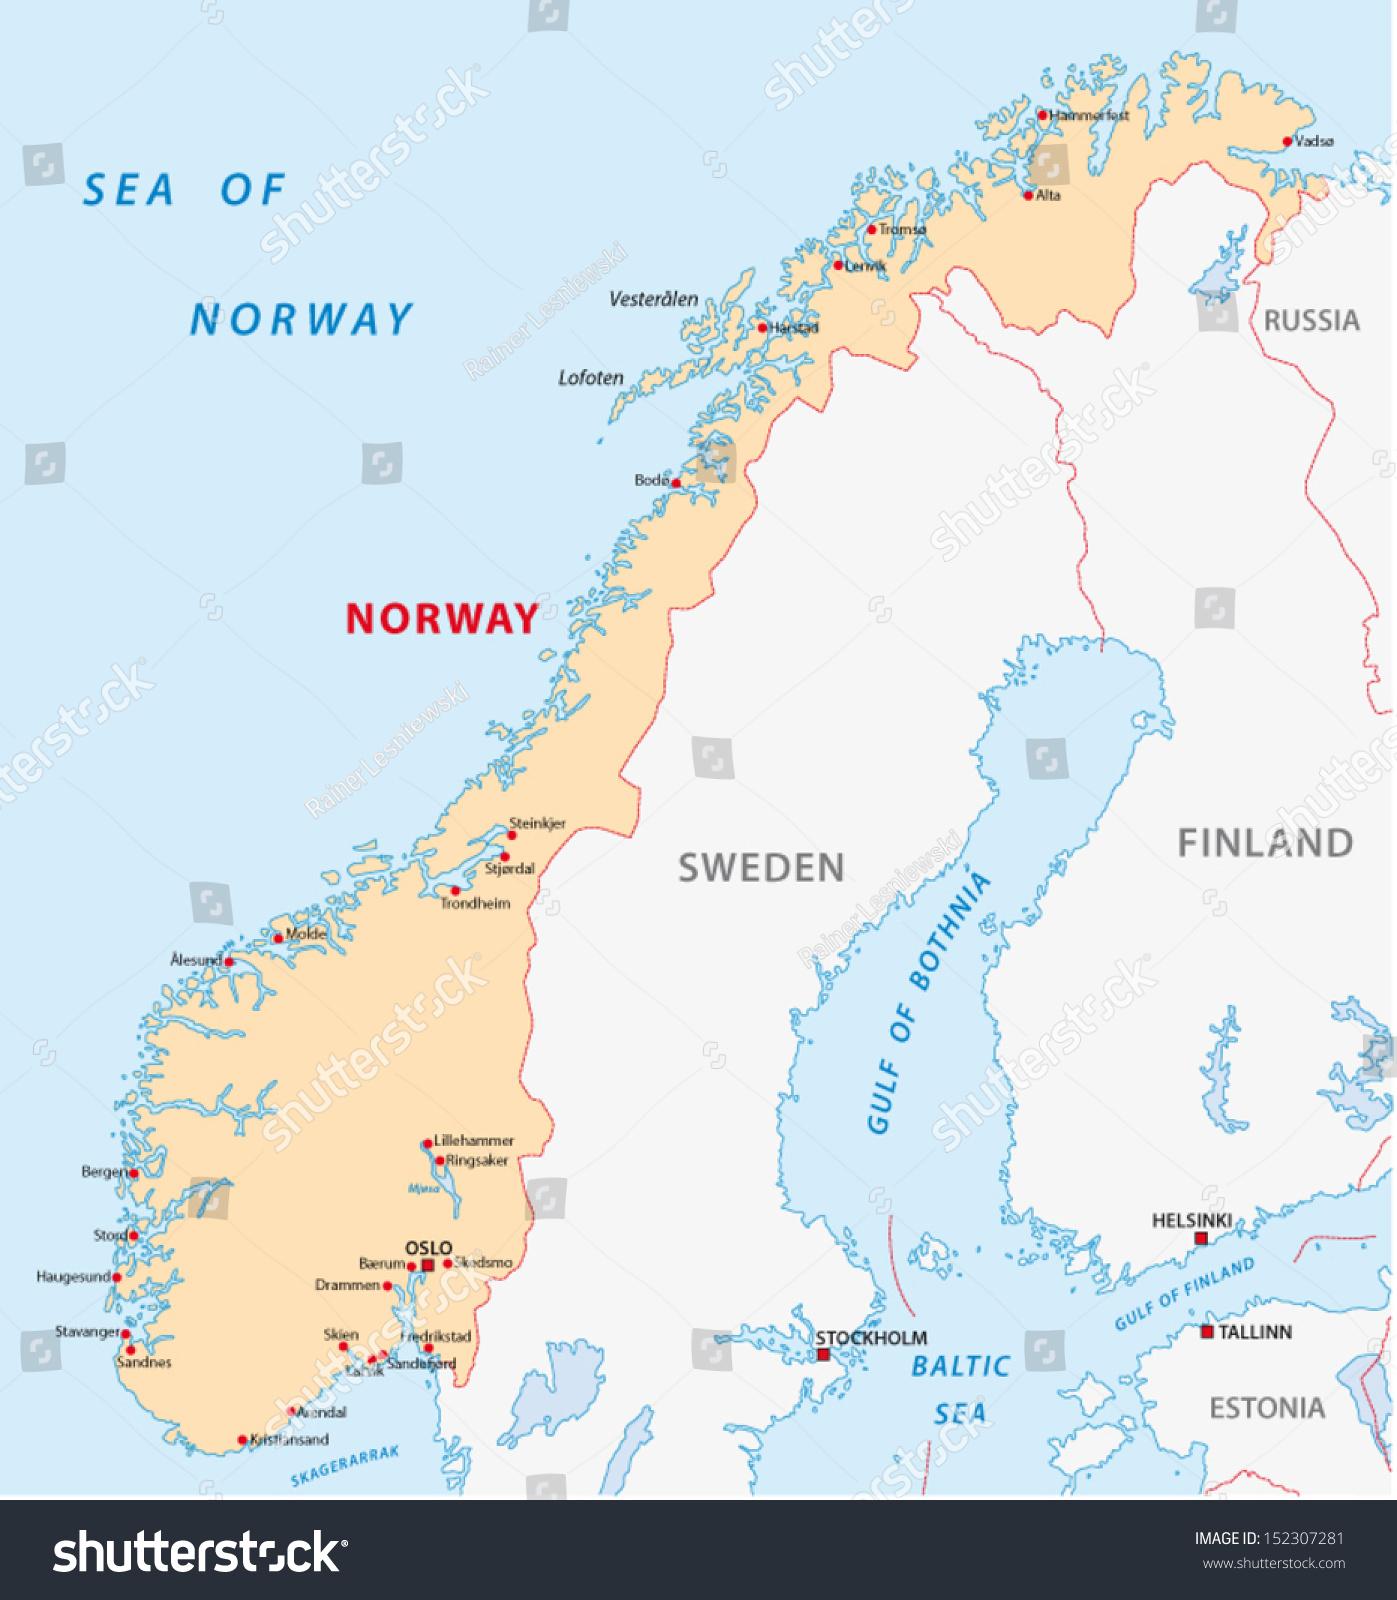 Norway Map Stock Vector Shutterstock - Norway map fredrikstad